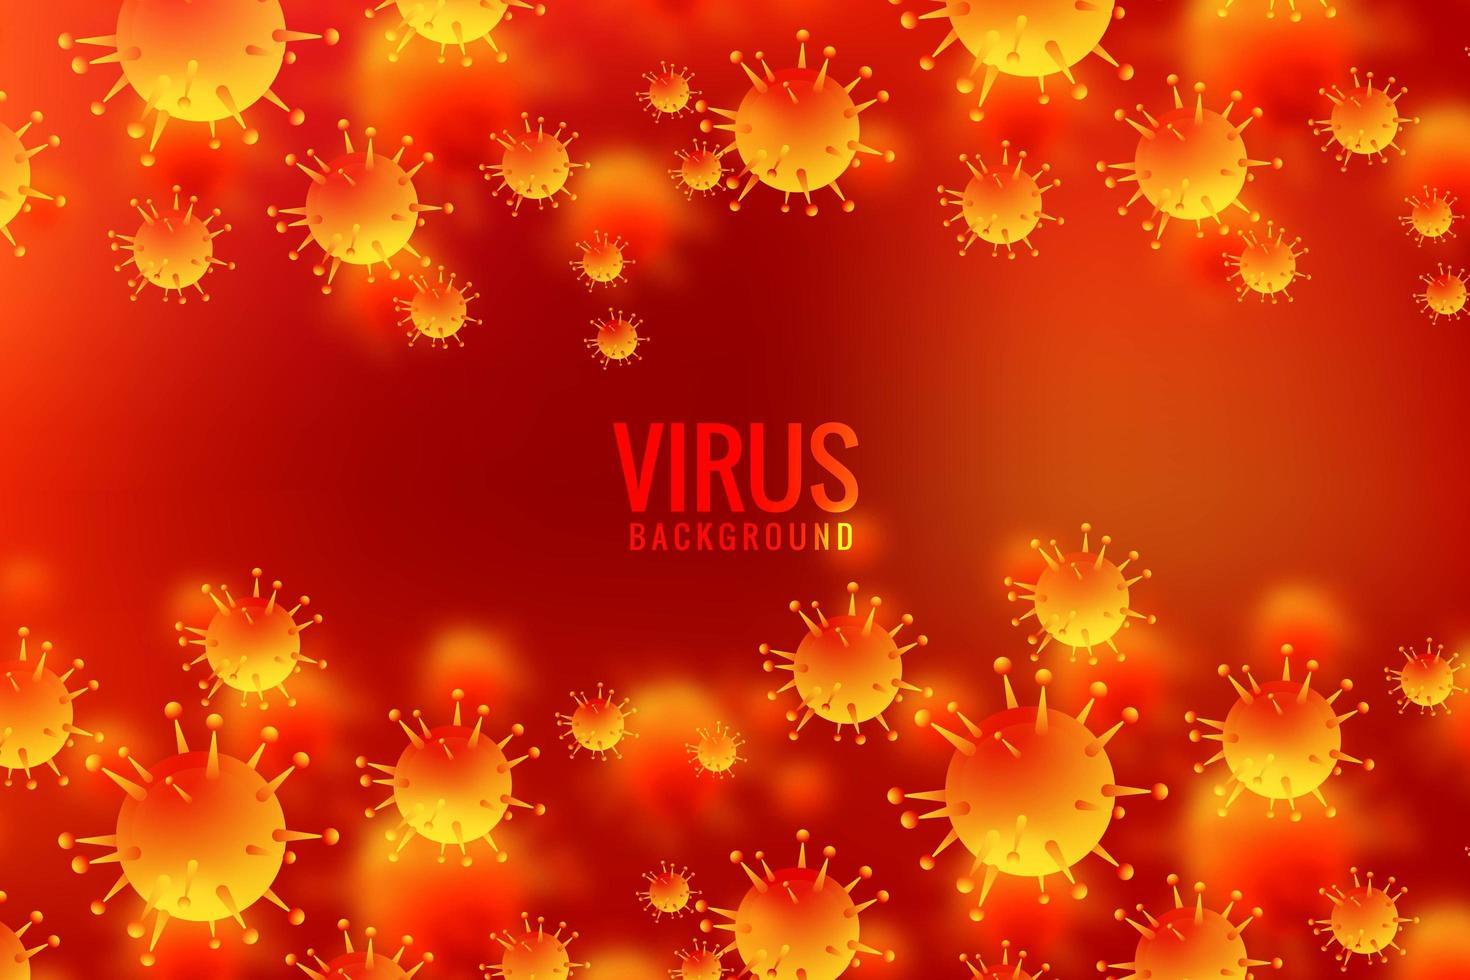 sfondo cellulare virus giallo arancione vettore